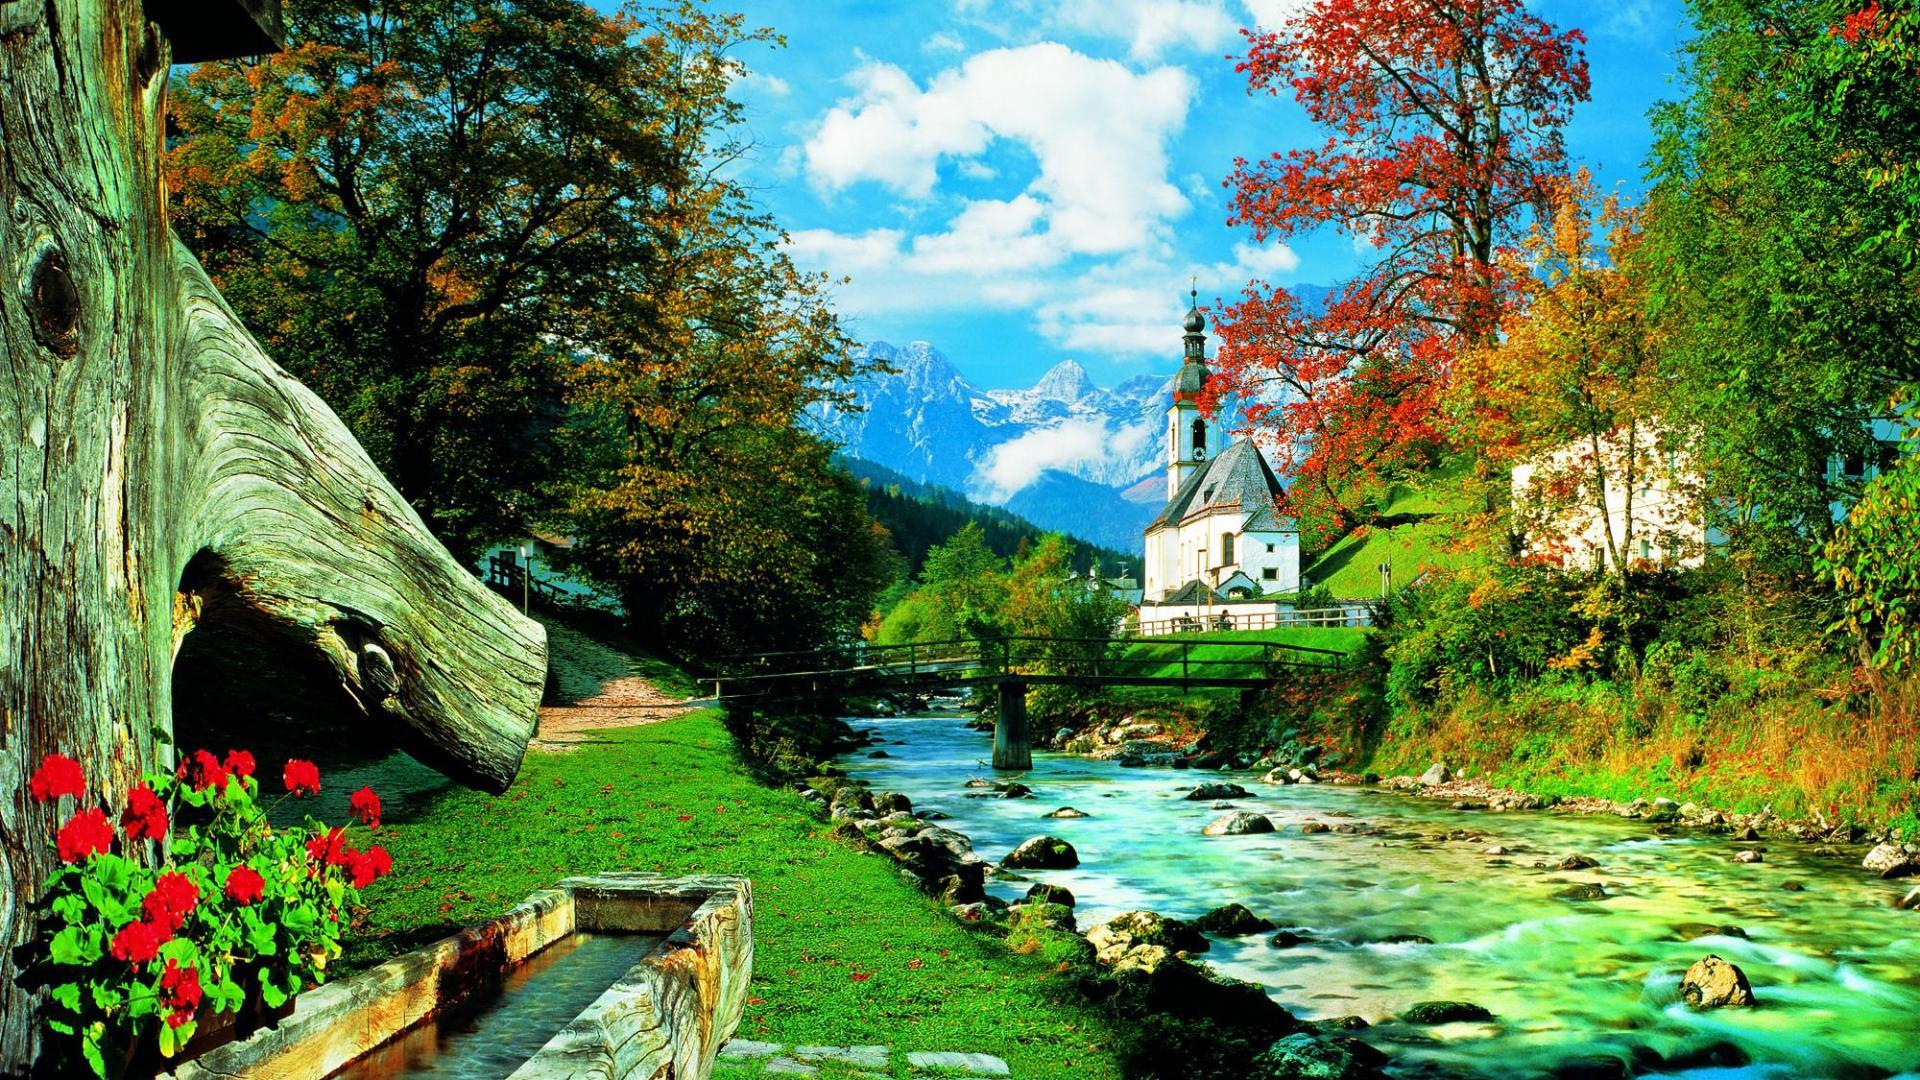 Mountain Wall Mural Bavarian Alps Wallpaper Wallpapersafari